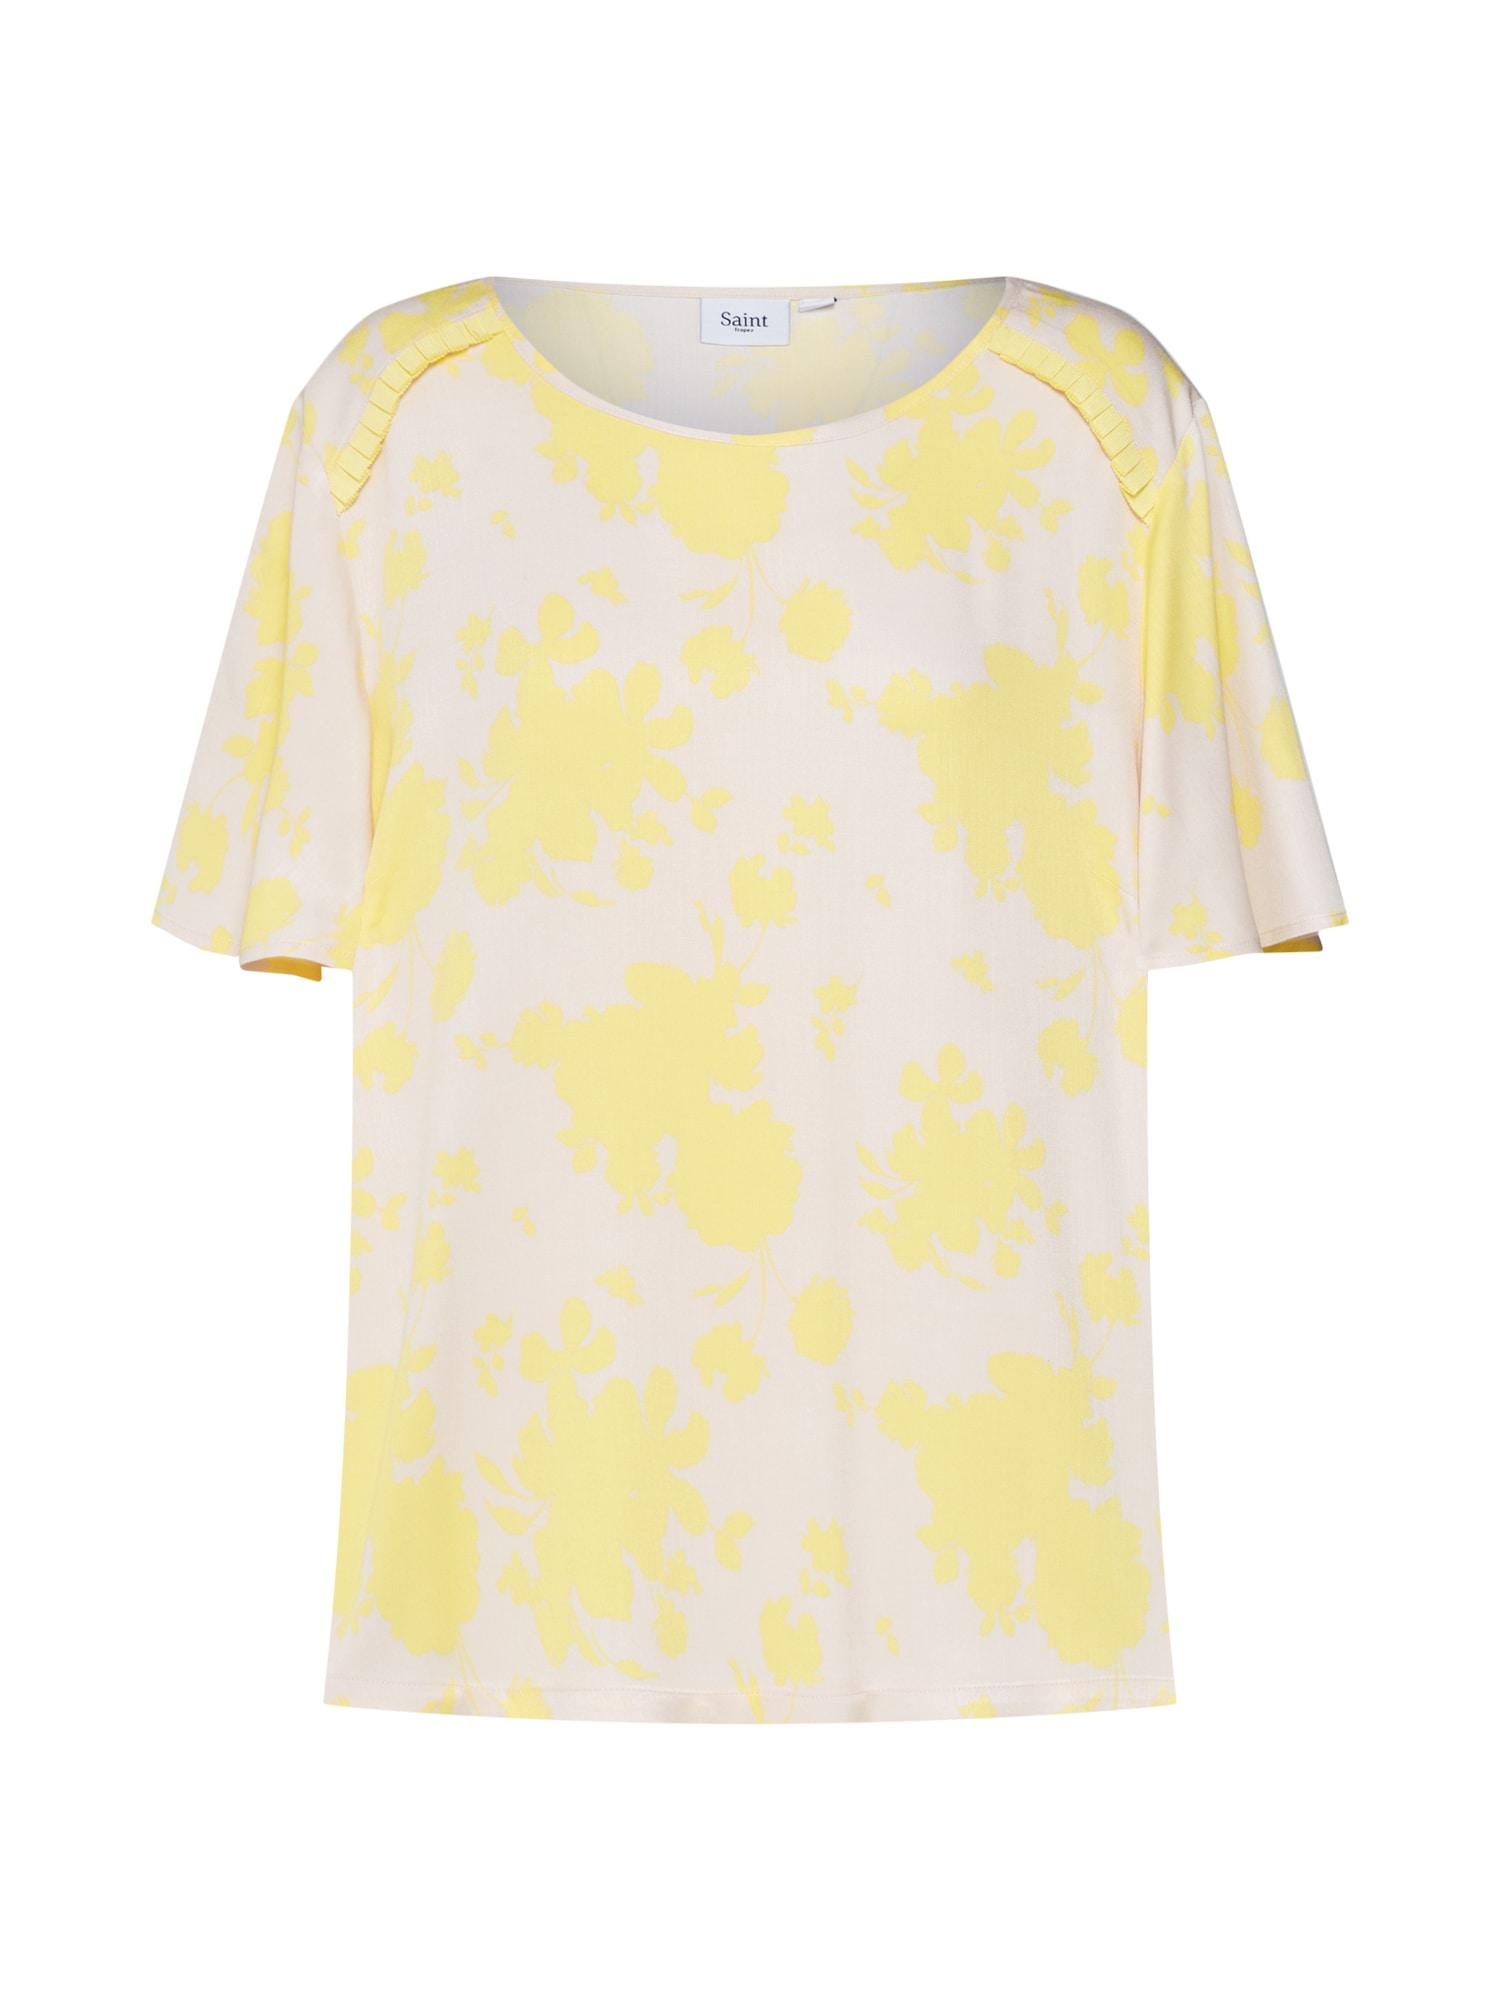 Tričko Candy Flower béžová žlutá SAINT TROPEZ